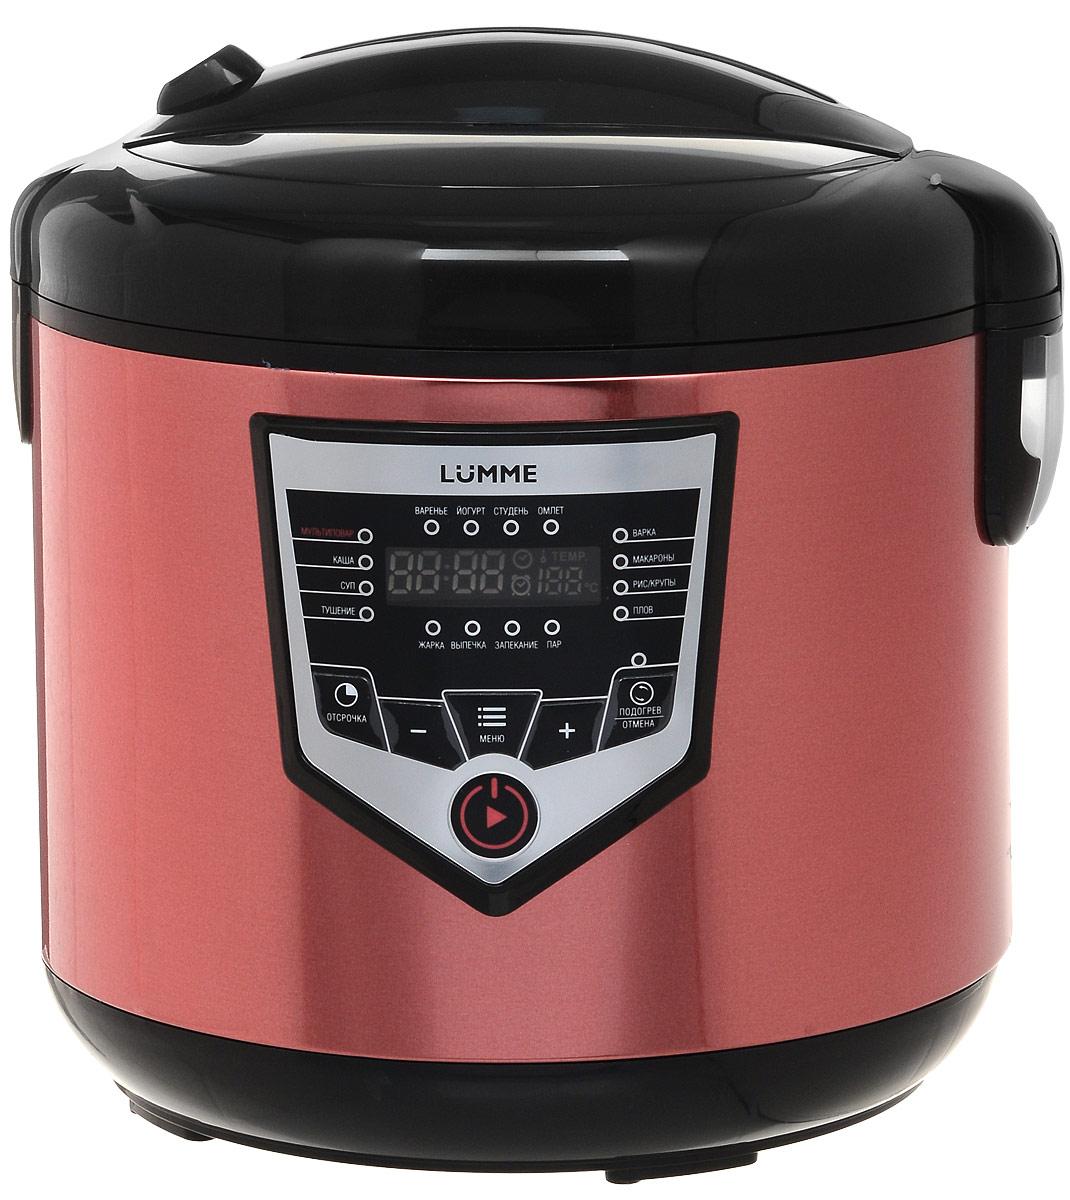 Lumme LU-1446 Chef Pro, Red Black мультиваркаLU-1446Мультиварка LU-1446 Chef Pro - это высокотехнологичная кухонная техника для легкого приготовления всевозможных блюд с сохранением всех питательных свойств продуктов!Программы для мультиварок - это удобно, быстро и очень вкусно! Перейдите на новый уровень владения кулинарным искусством с помощью готовых программ Lumme-1446 Chef Pro!Программы для мультиварок - это удобно, быстро и очень вкусно! Перейдите на новый уровень владения кулинарным искусством с помощью готовых программ Lumme! 46 программ приготовления (16 автоматических программ и 30 ручных настроек) позволяют приготовить множество новых блюд! Помимо стандартного для большинства мультиварок набора блюд, теперь вы можете готовить йогурты, жаркое, студень, заливное, буженину, томить мясо, варить варенье или морс.Для каждой из 16 автоматических программ подобраны оптимальные значения времени и температуры приготовления, загружаемые по умолчанию при запуске программы.